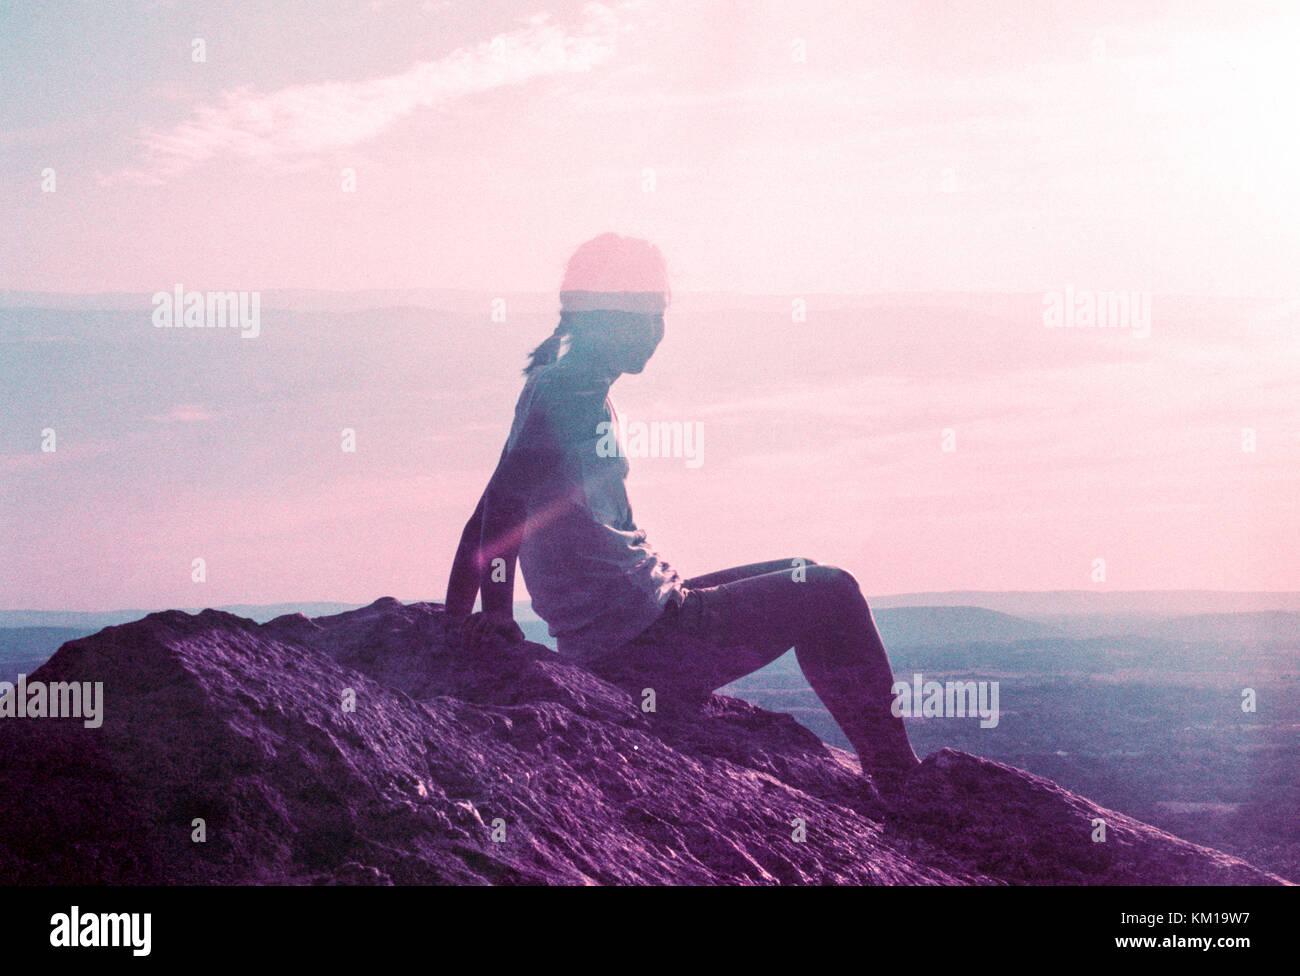 Double exposition d'une femme sur la roche à la recherche en mode paysage au lever du soleil Photo Stock